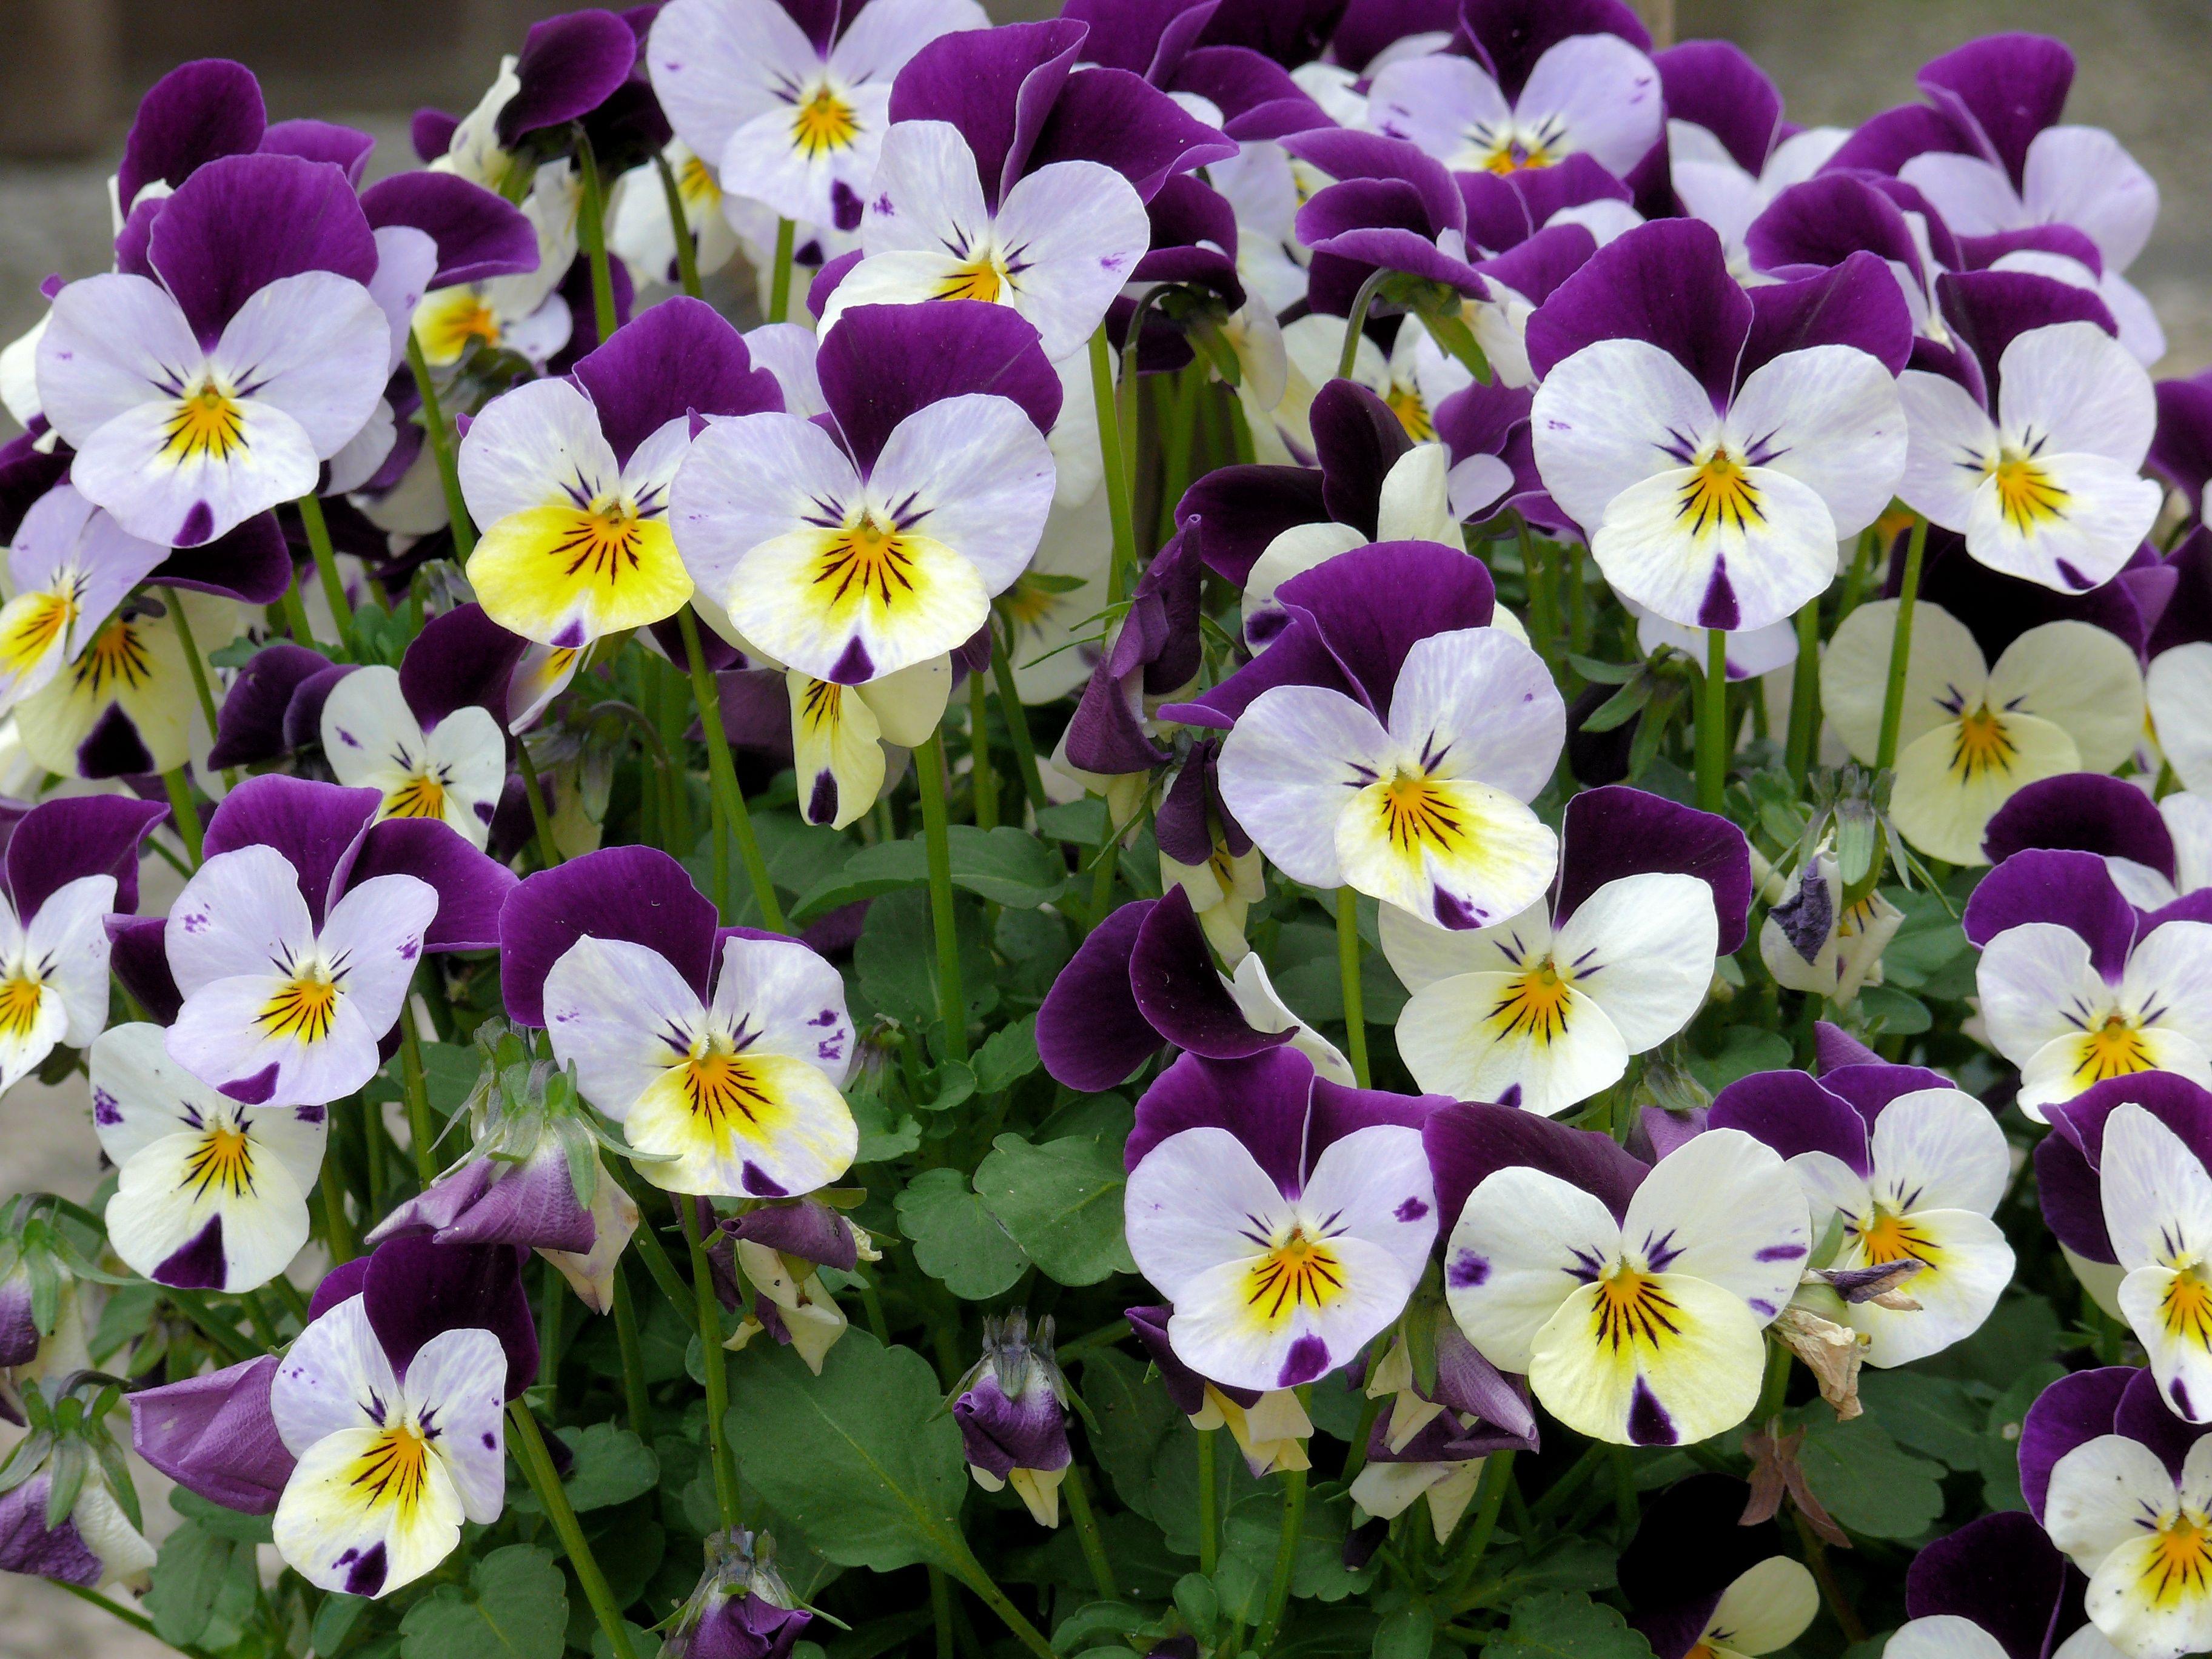 Gratis billeder : hvid, blomst, lilla, kronblad, forår, have, flora, blomster, violer, viola ...